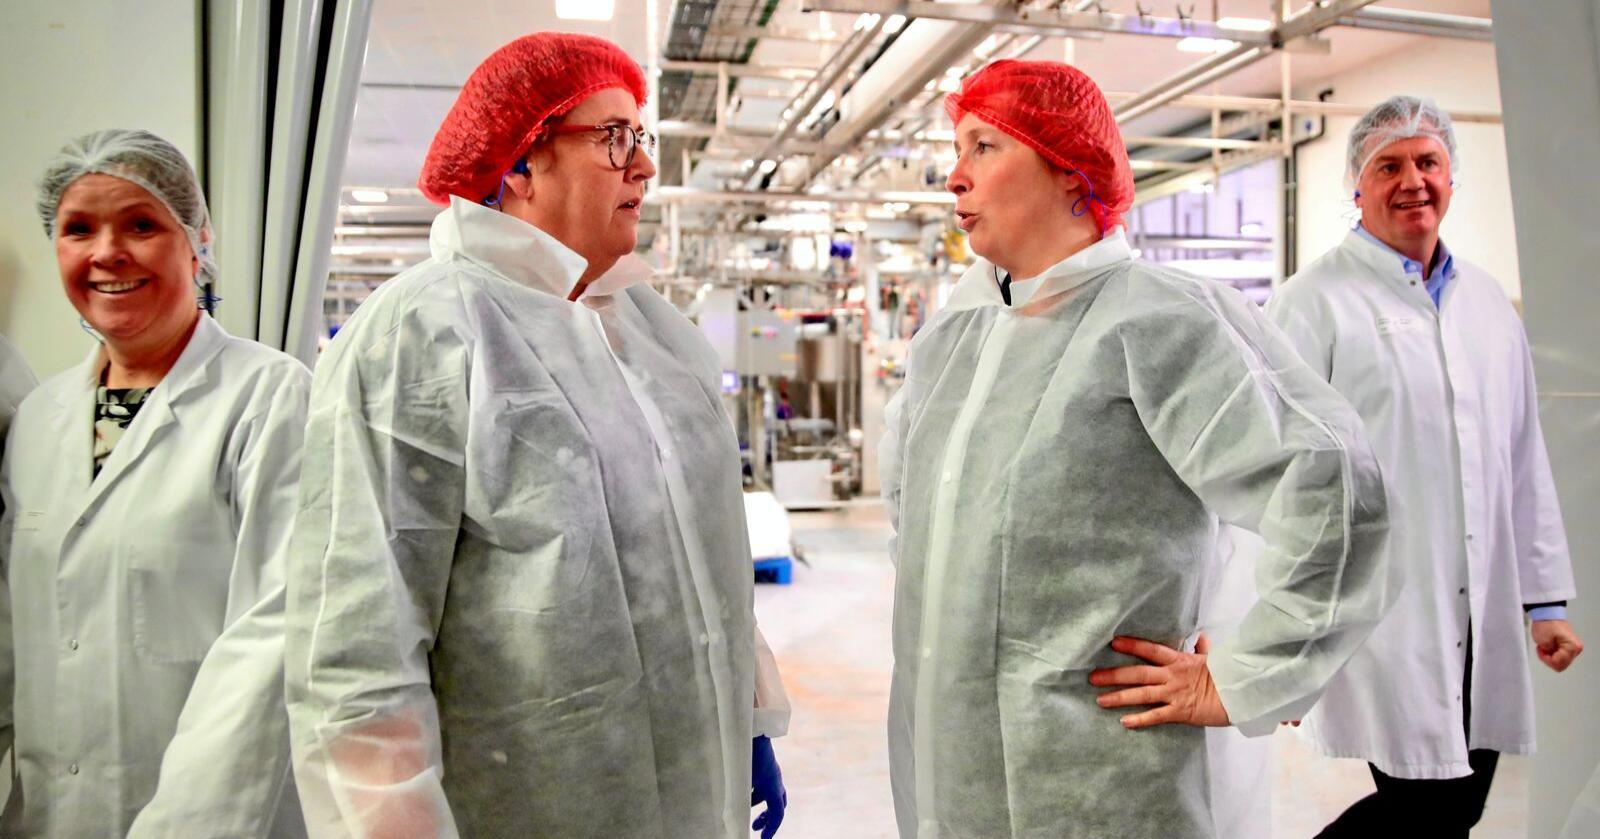 Til høyre: Lederen av Norsk Nærings- og Nytelsesmiddelarbeiderforbund (NNN) Anne Berit Aker Hansen. NNN er med i IUF, som irettesetter FN. Her sammen med landbruksministeren. Foto: Håkon Mosvold Larsen / NTB scanpix